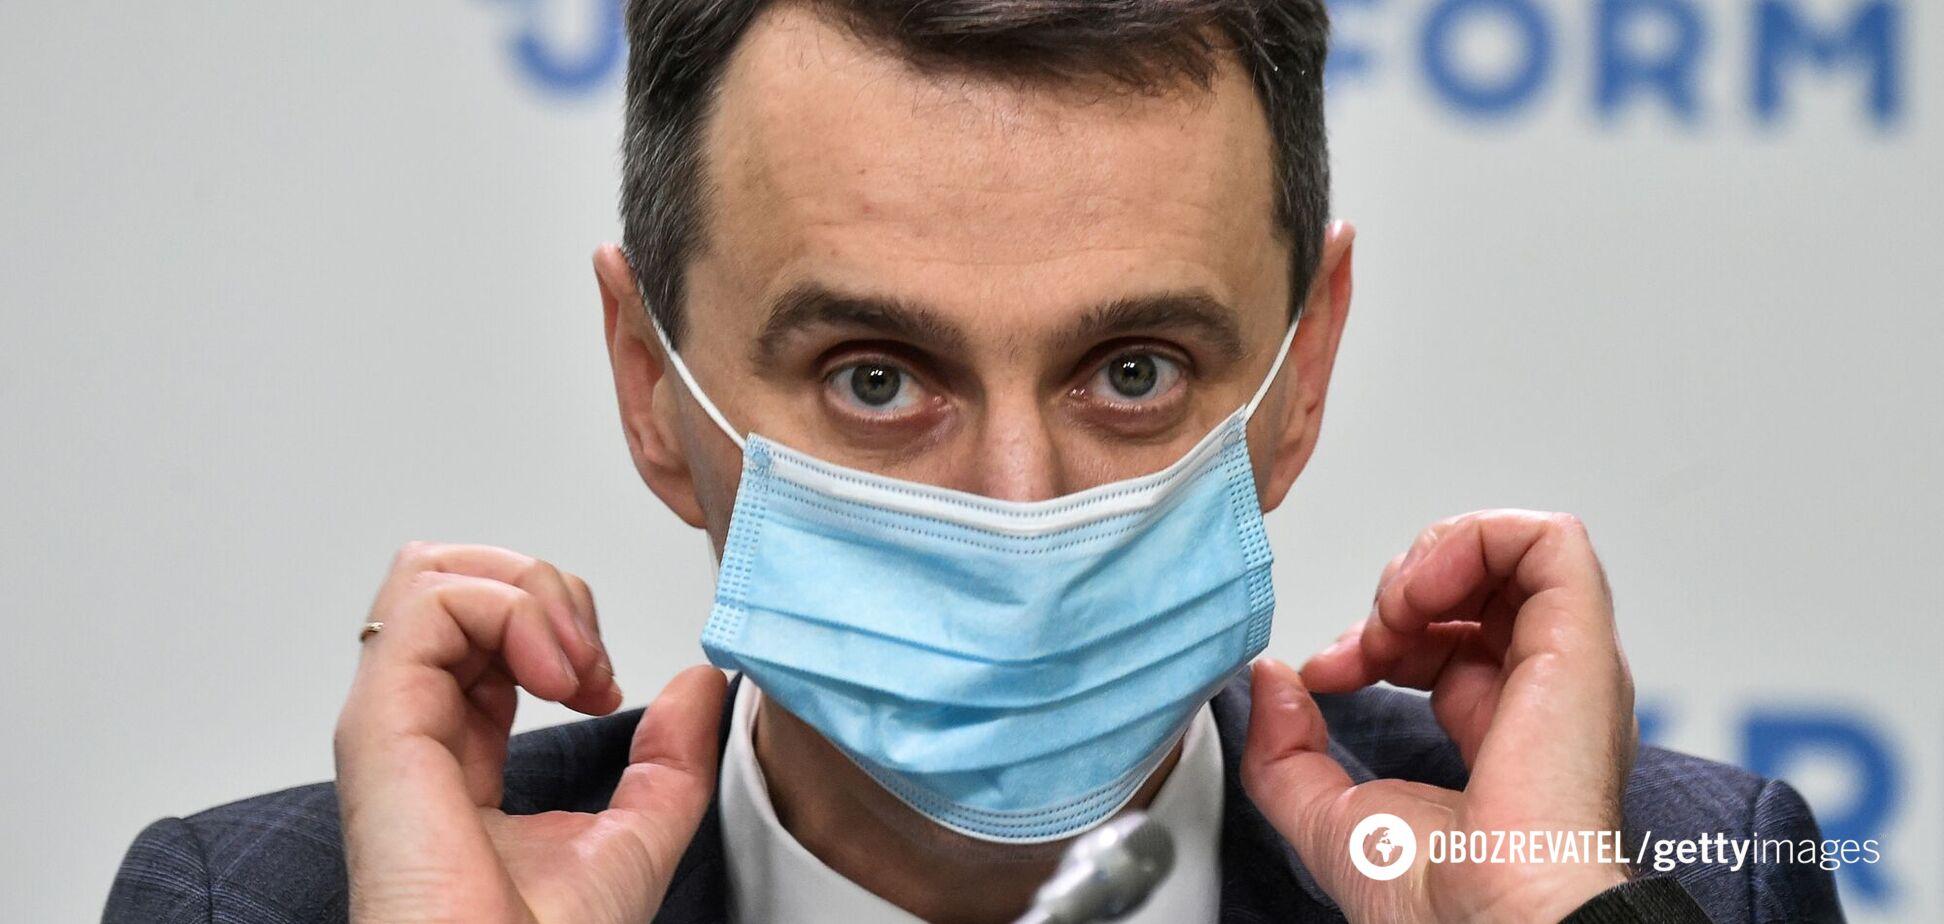 Ляшко сказал, почему в 2021 году в Украине не будут продавать вакцину от COVID-19